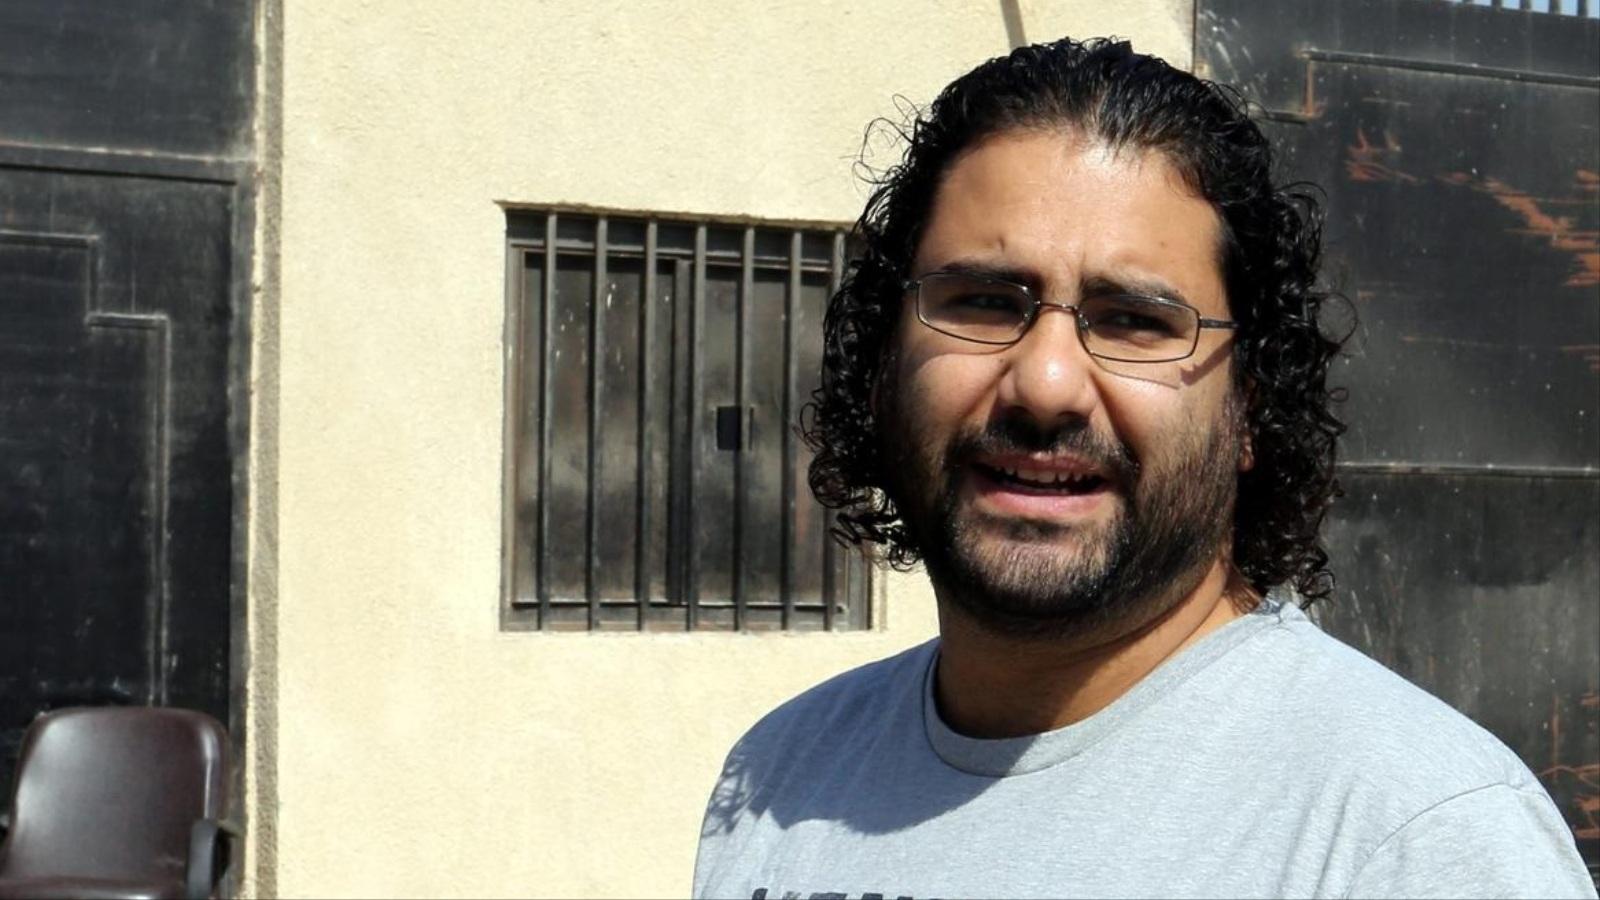 ننشر حيثيات حكم حبس علاء عبد الفتاح وآخر فى قضية أحداث مجلس الشورى